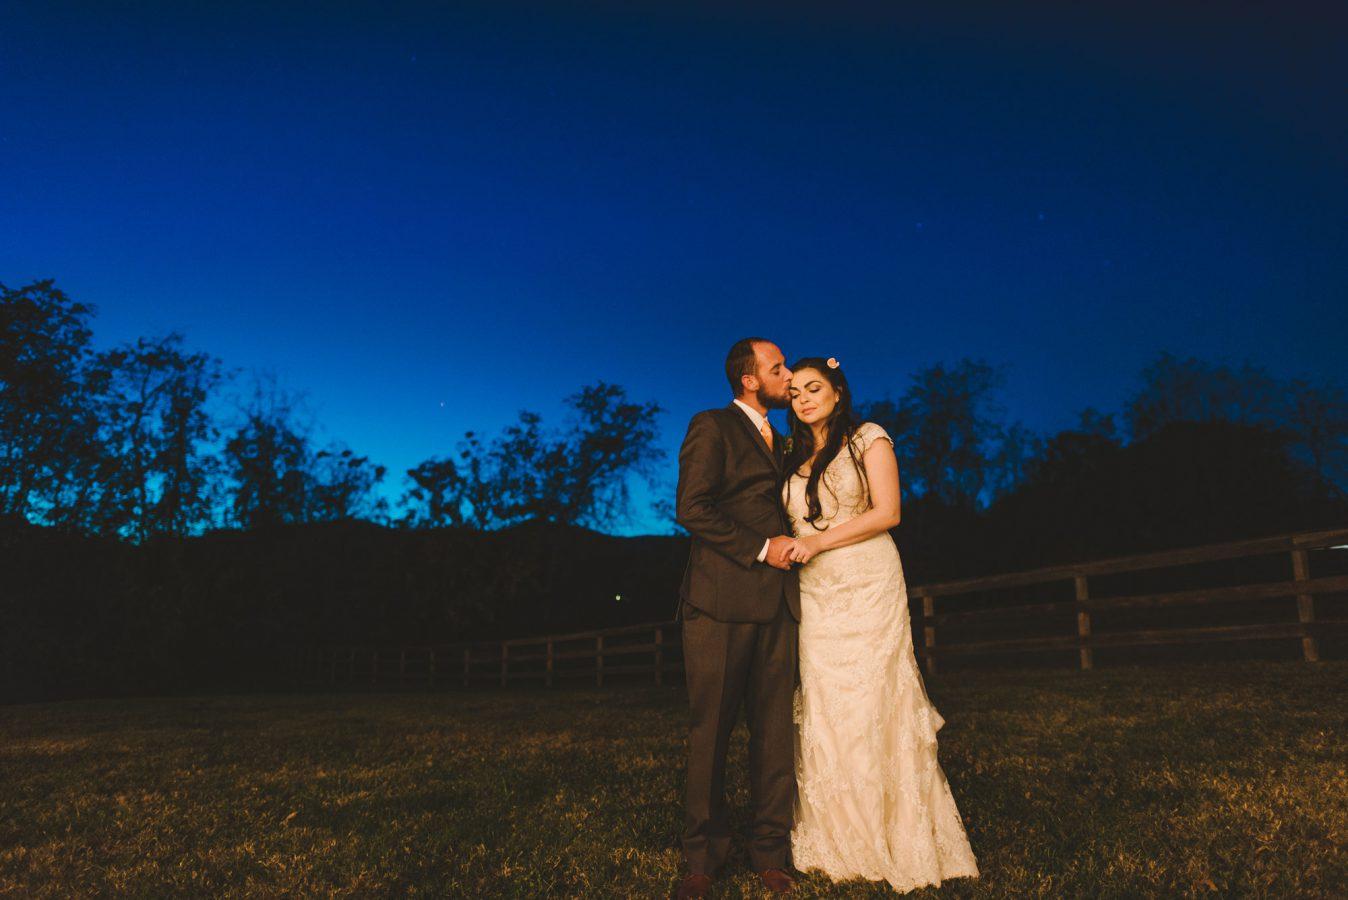 wedding-photography-2016-26